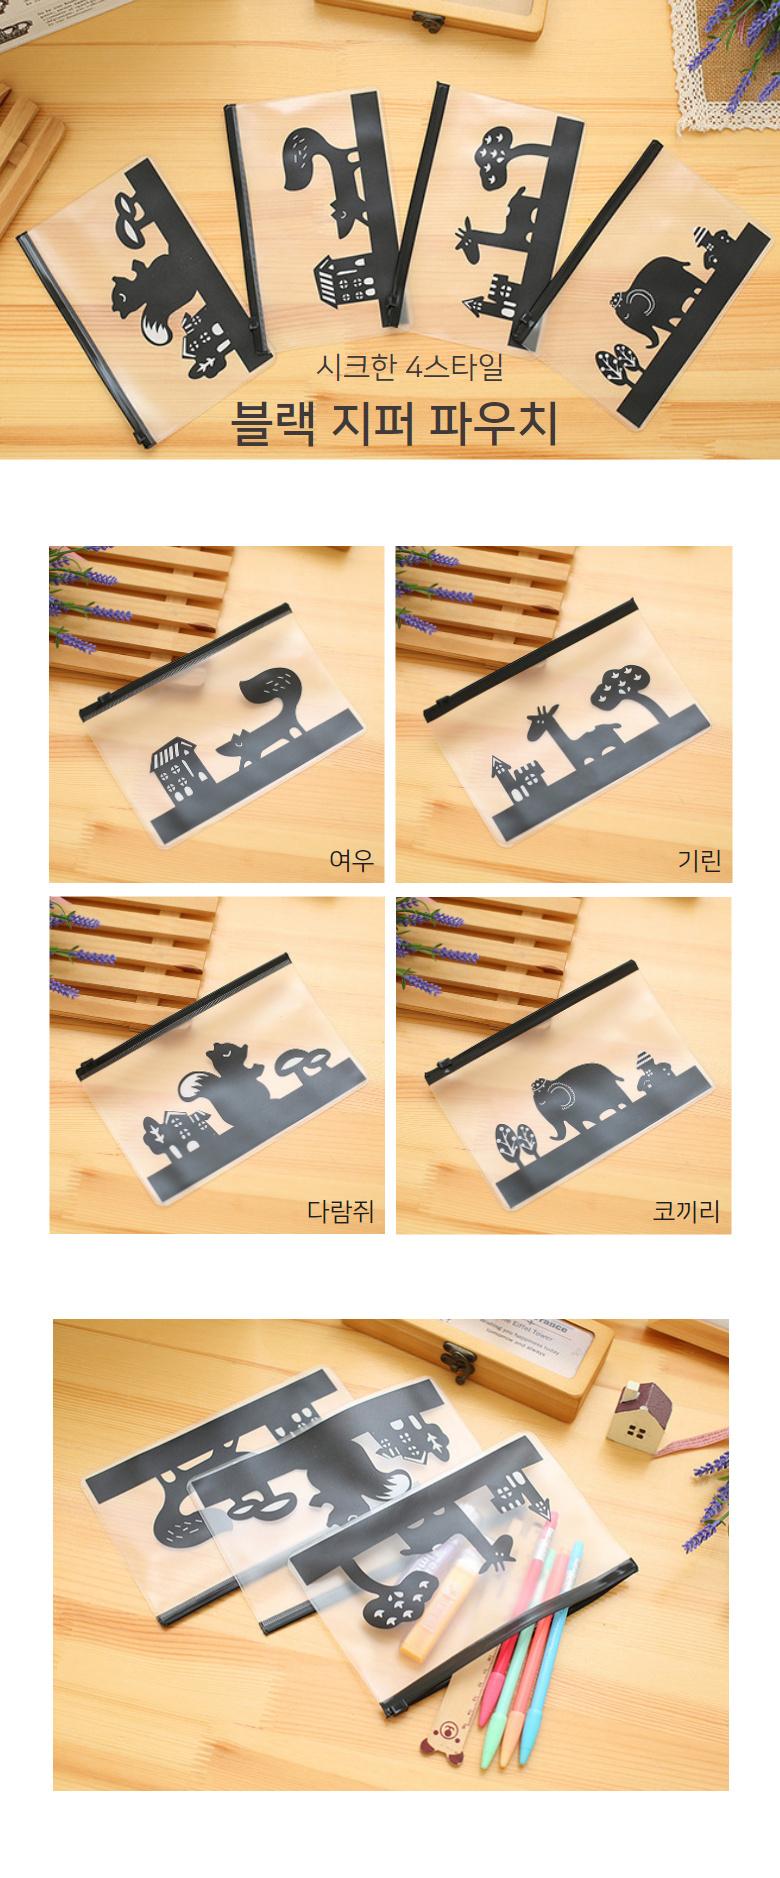 지퍼필통 펜슬케이스 화장품 파우치 학생선물 - 제이밀리율, 1,300원, 투명/플라스틱필통, 캐릭터